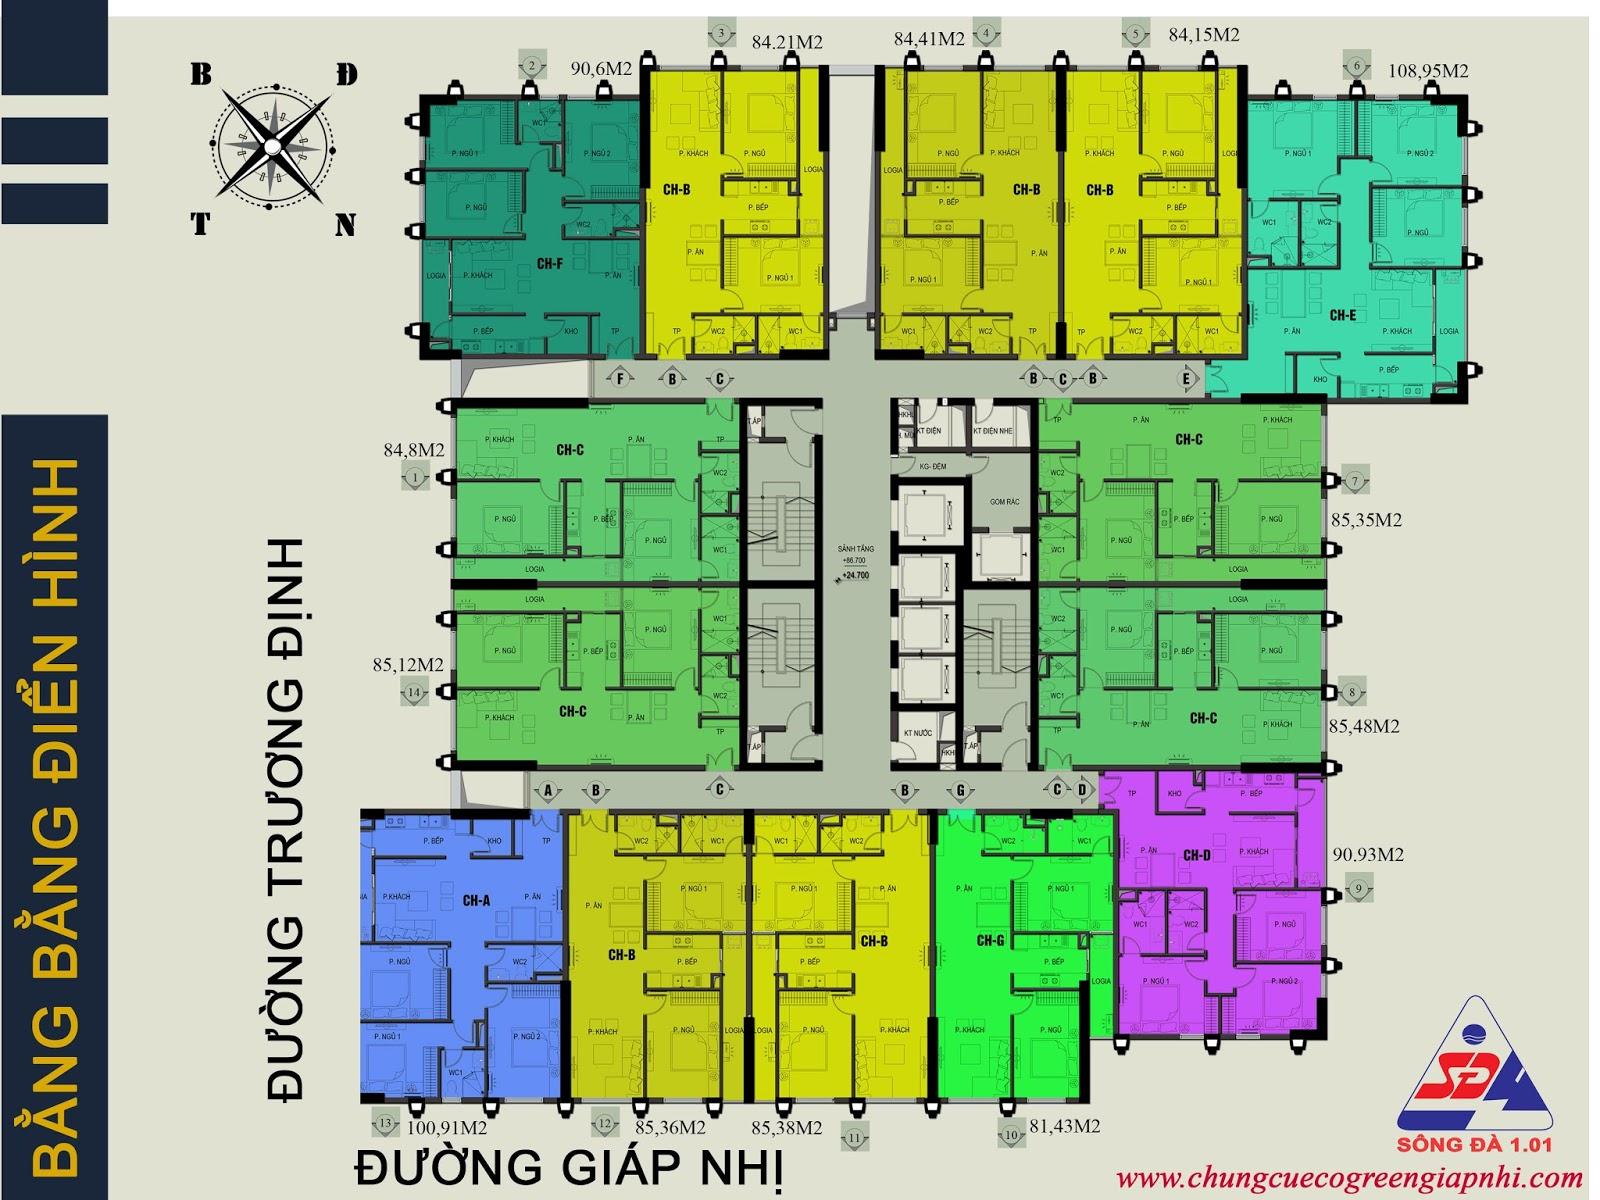 Thiết kế căn hộ CH01 - 84,8m2 căn 2 phòng ngủ